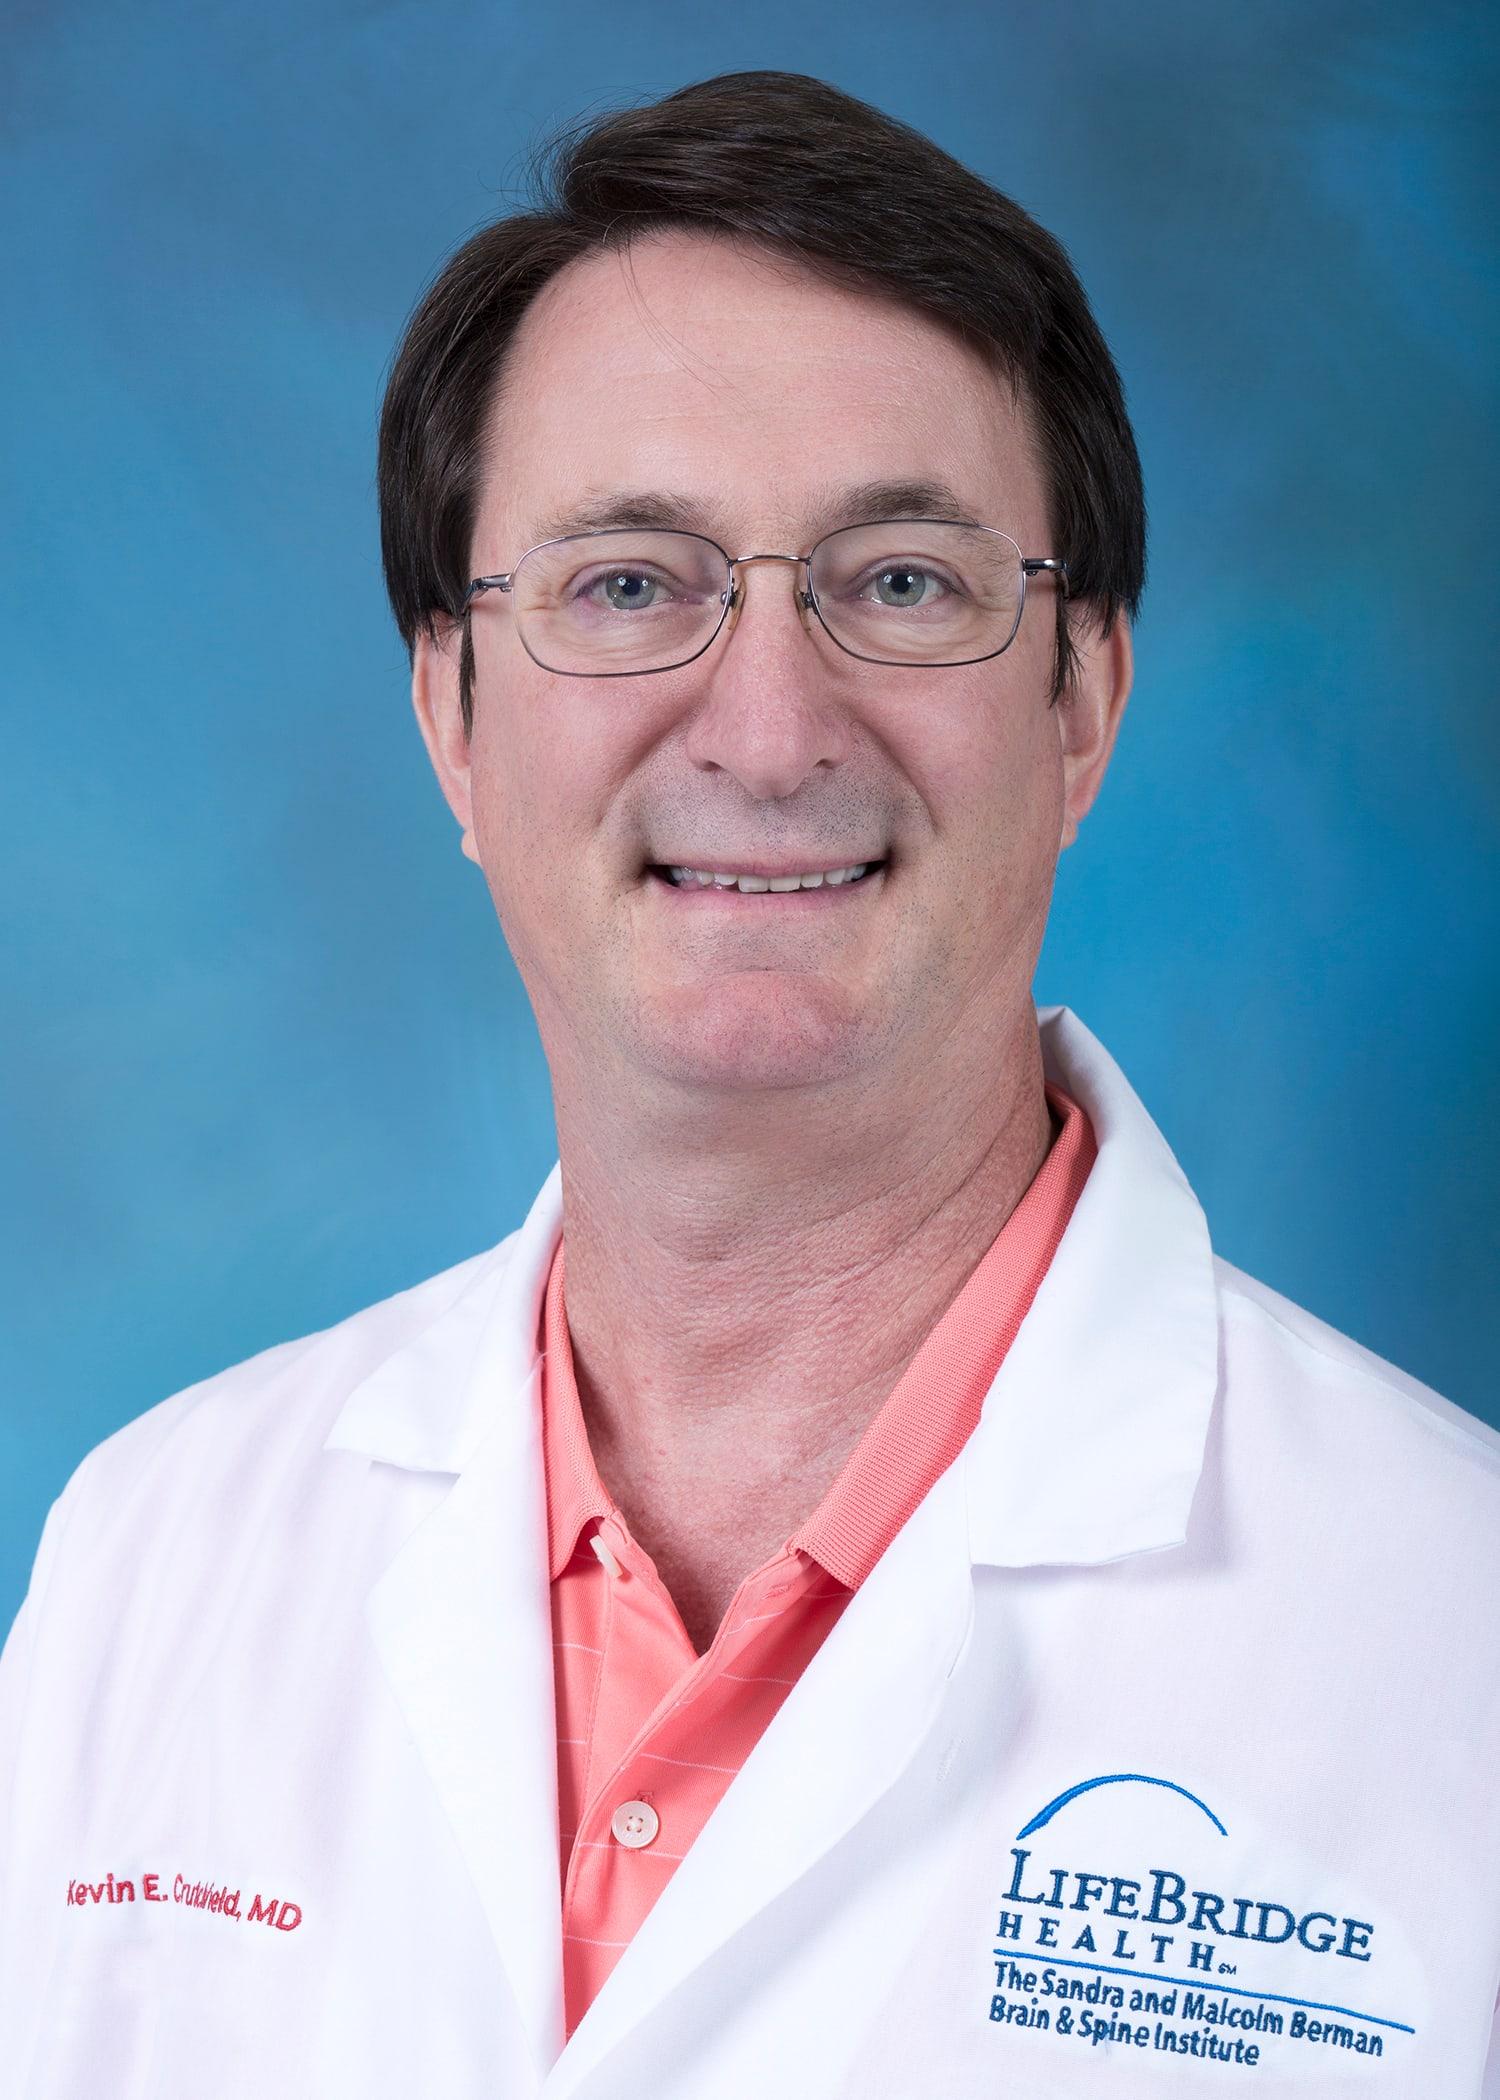 Dr. Kevin E Crutchfield MD